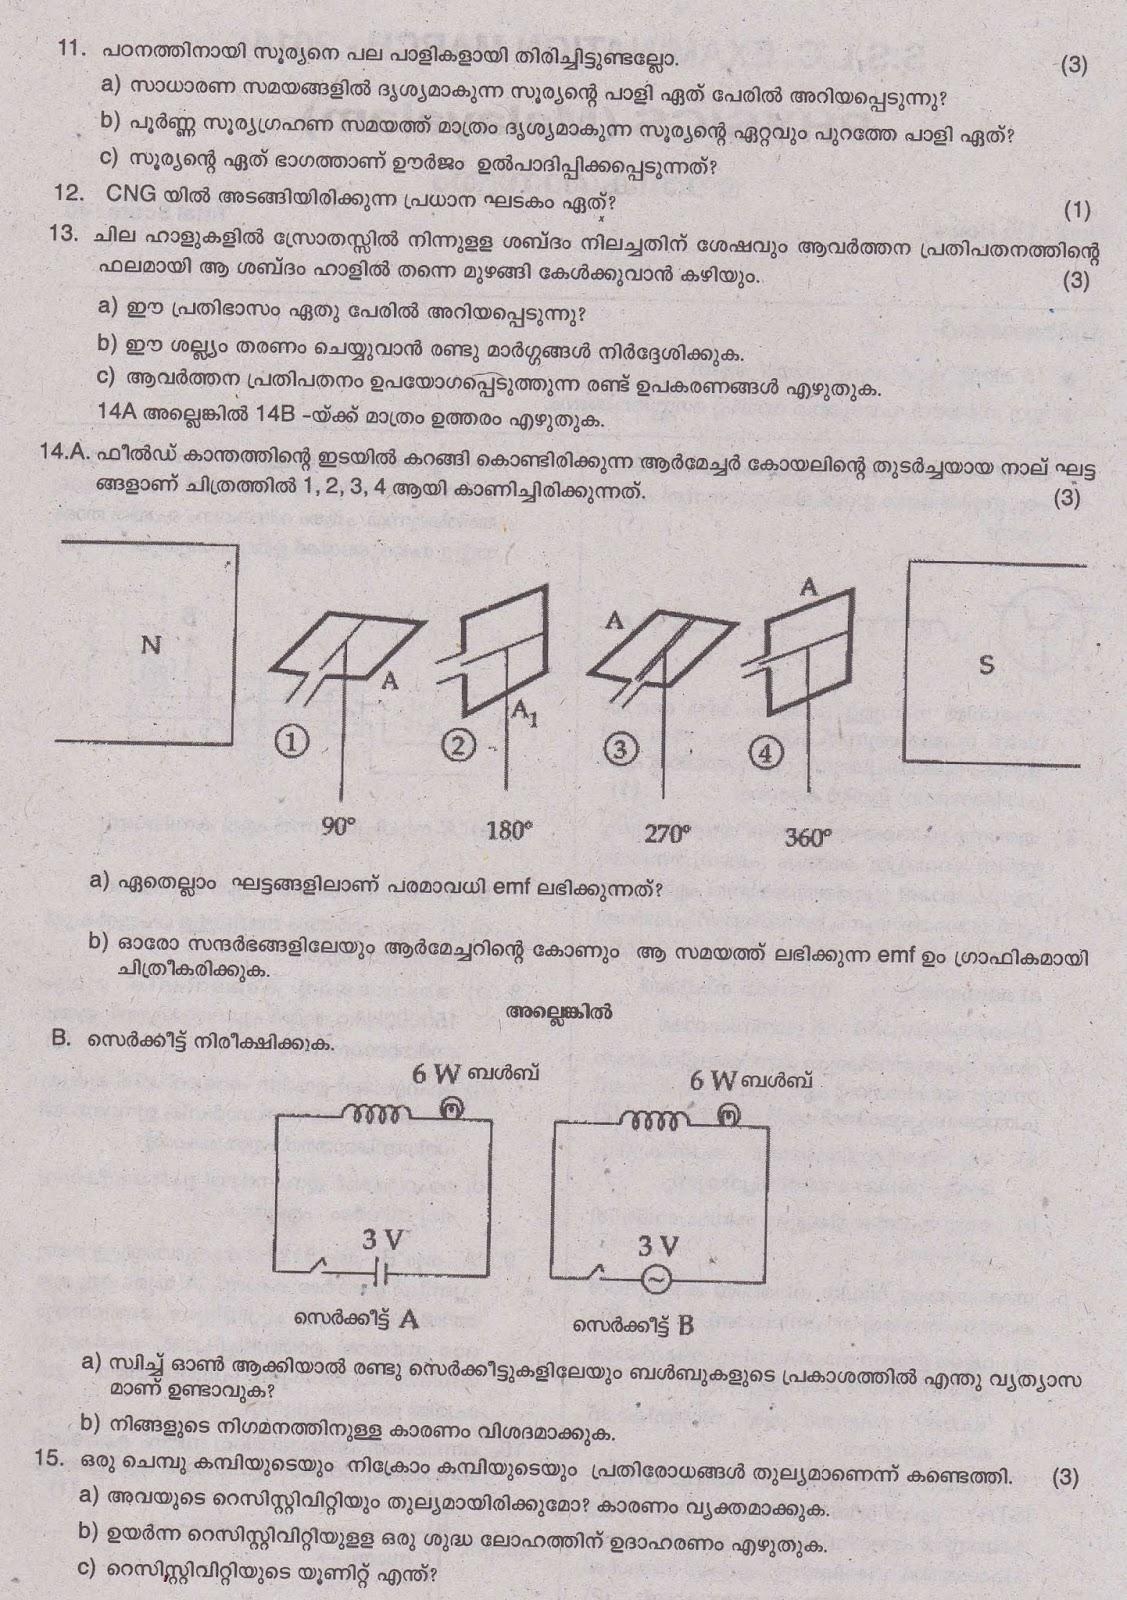 SSLC Question Paper: Sslc Model Question Paper 2014 Physics